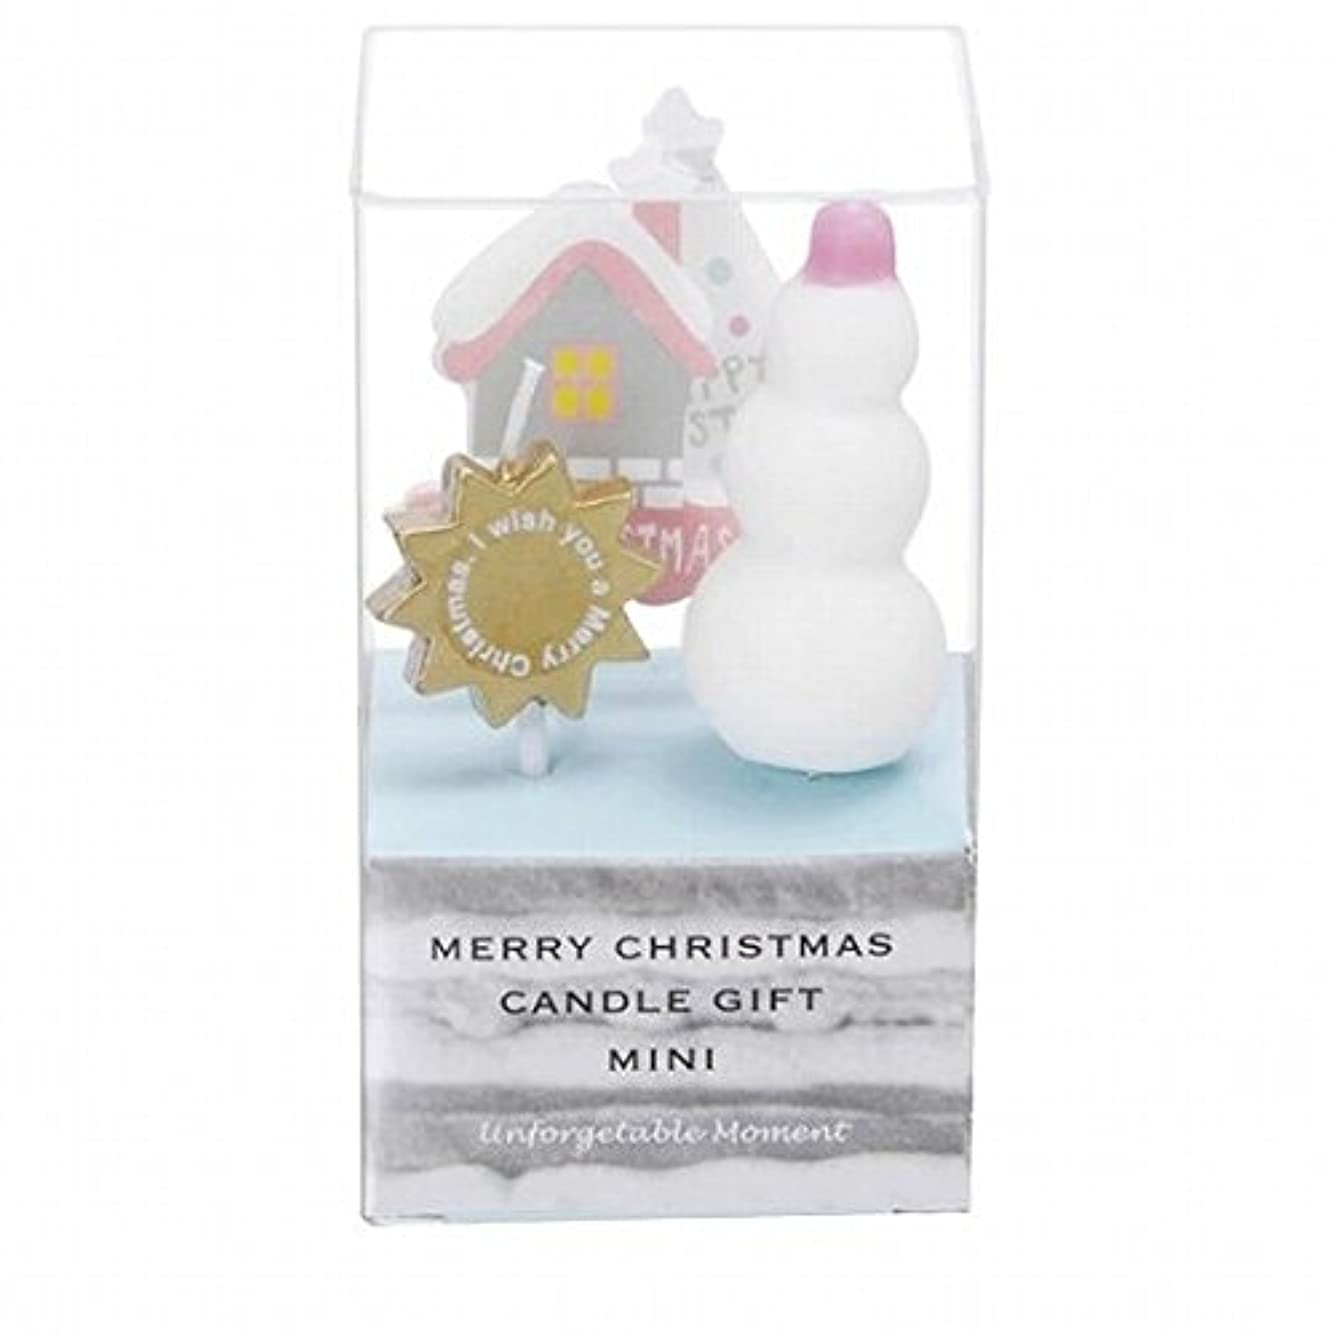 溝睡眠抽象kameyama candle(カメヤマキャンドル) クリスマスキャンドルギフトミニ 「 B 」(55350050)